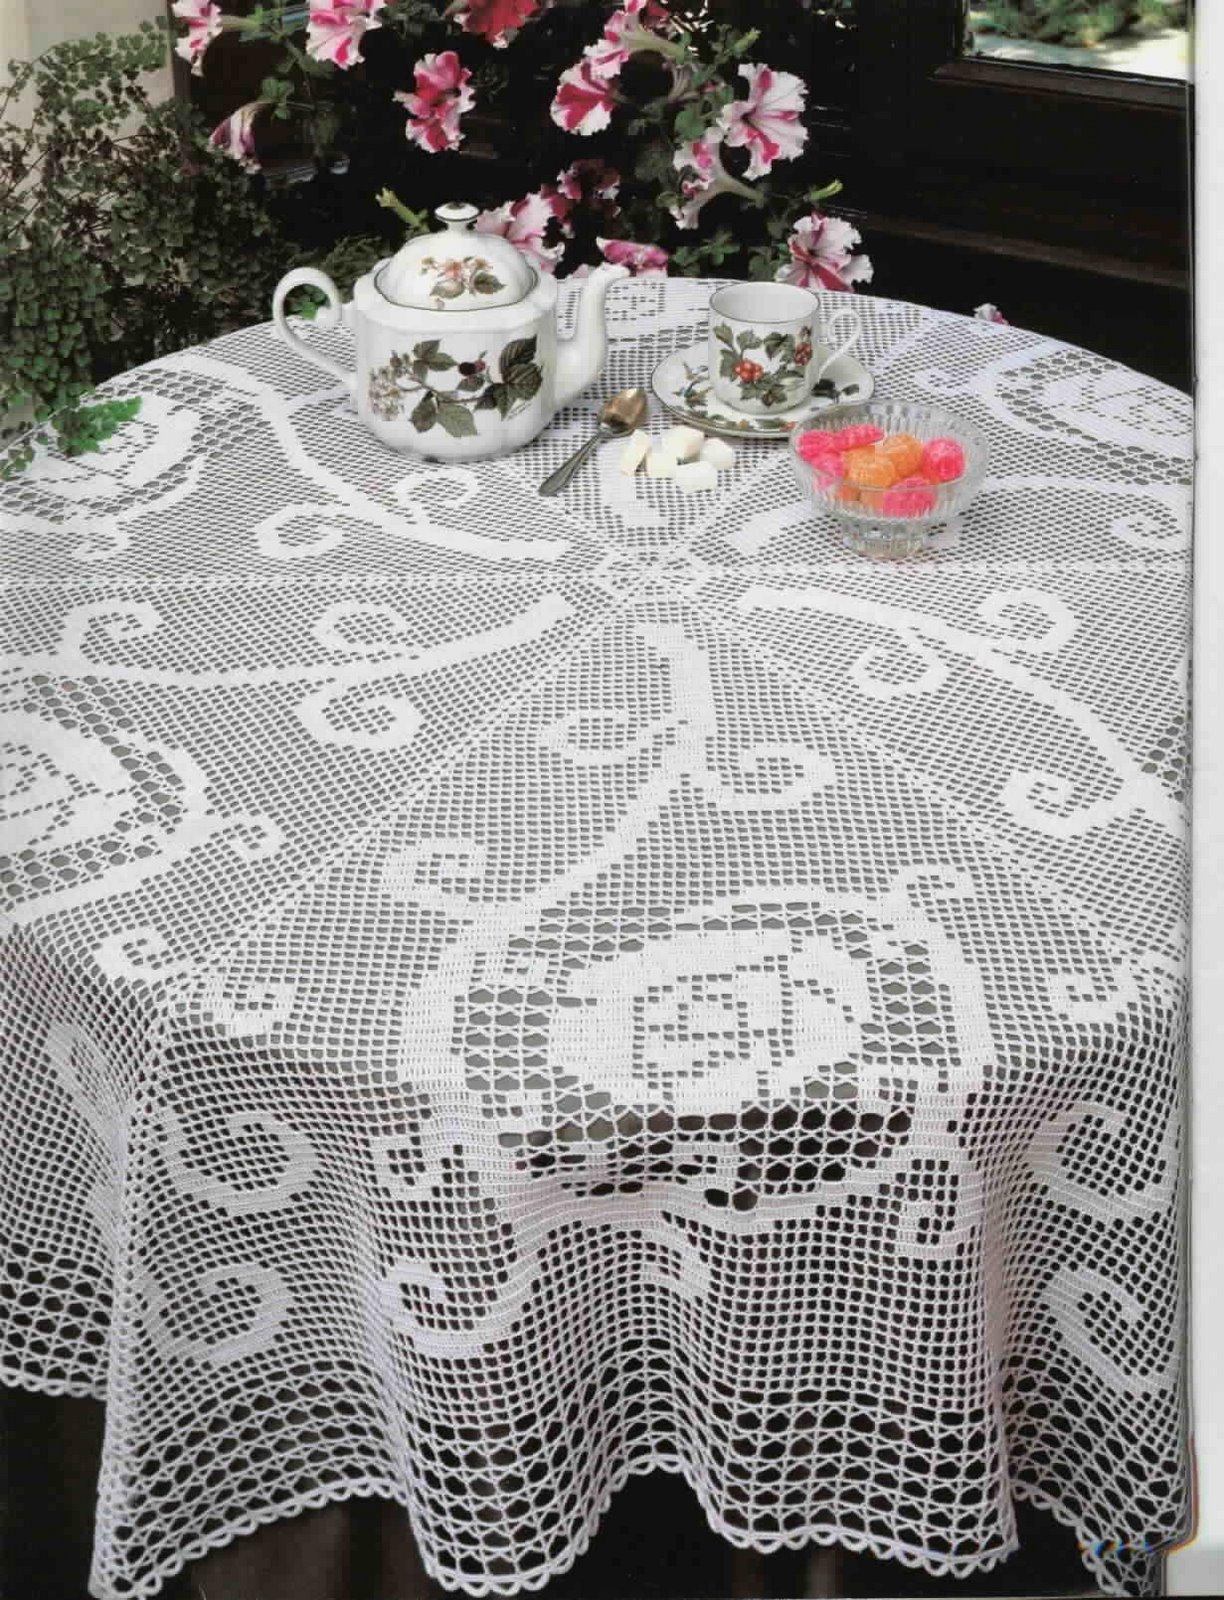 La morenita nuevo mantel para mi mesa - Mantel para mesa exterior ...